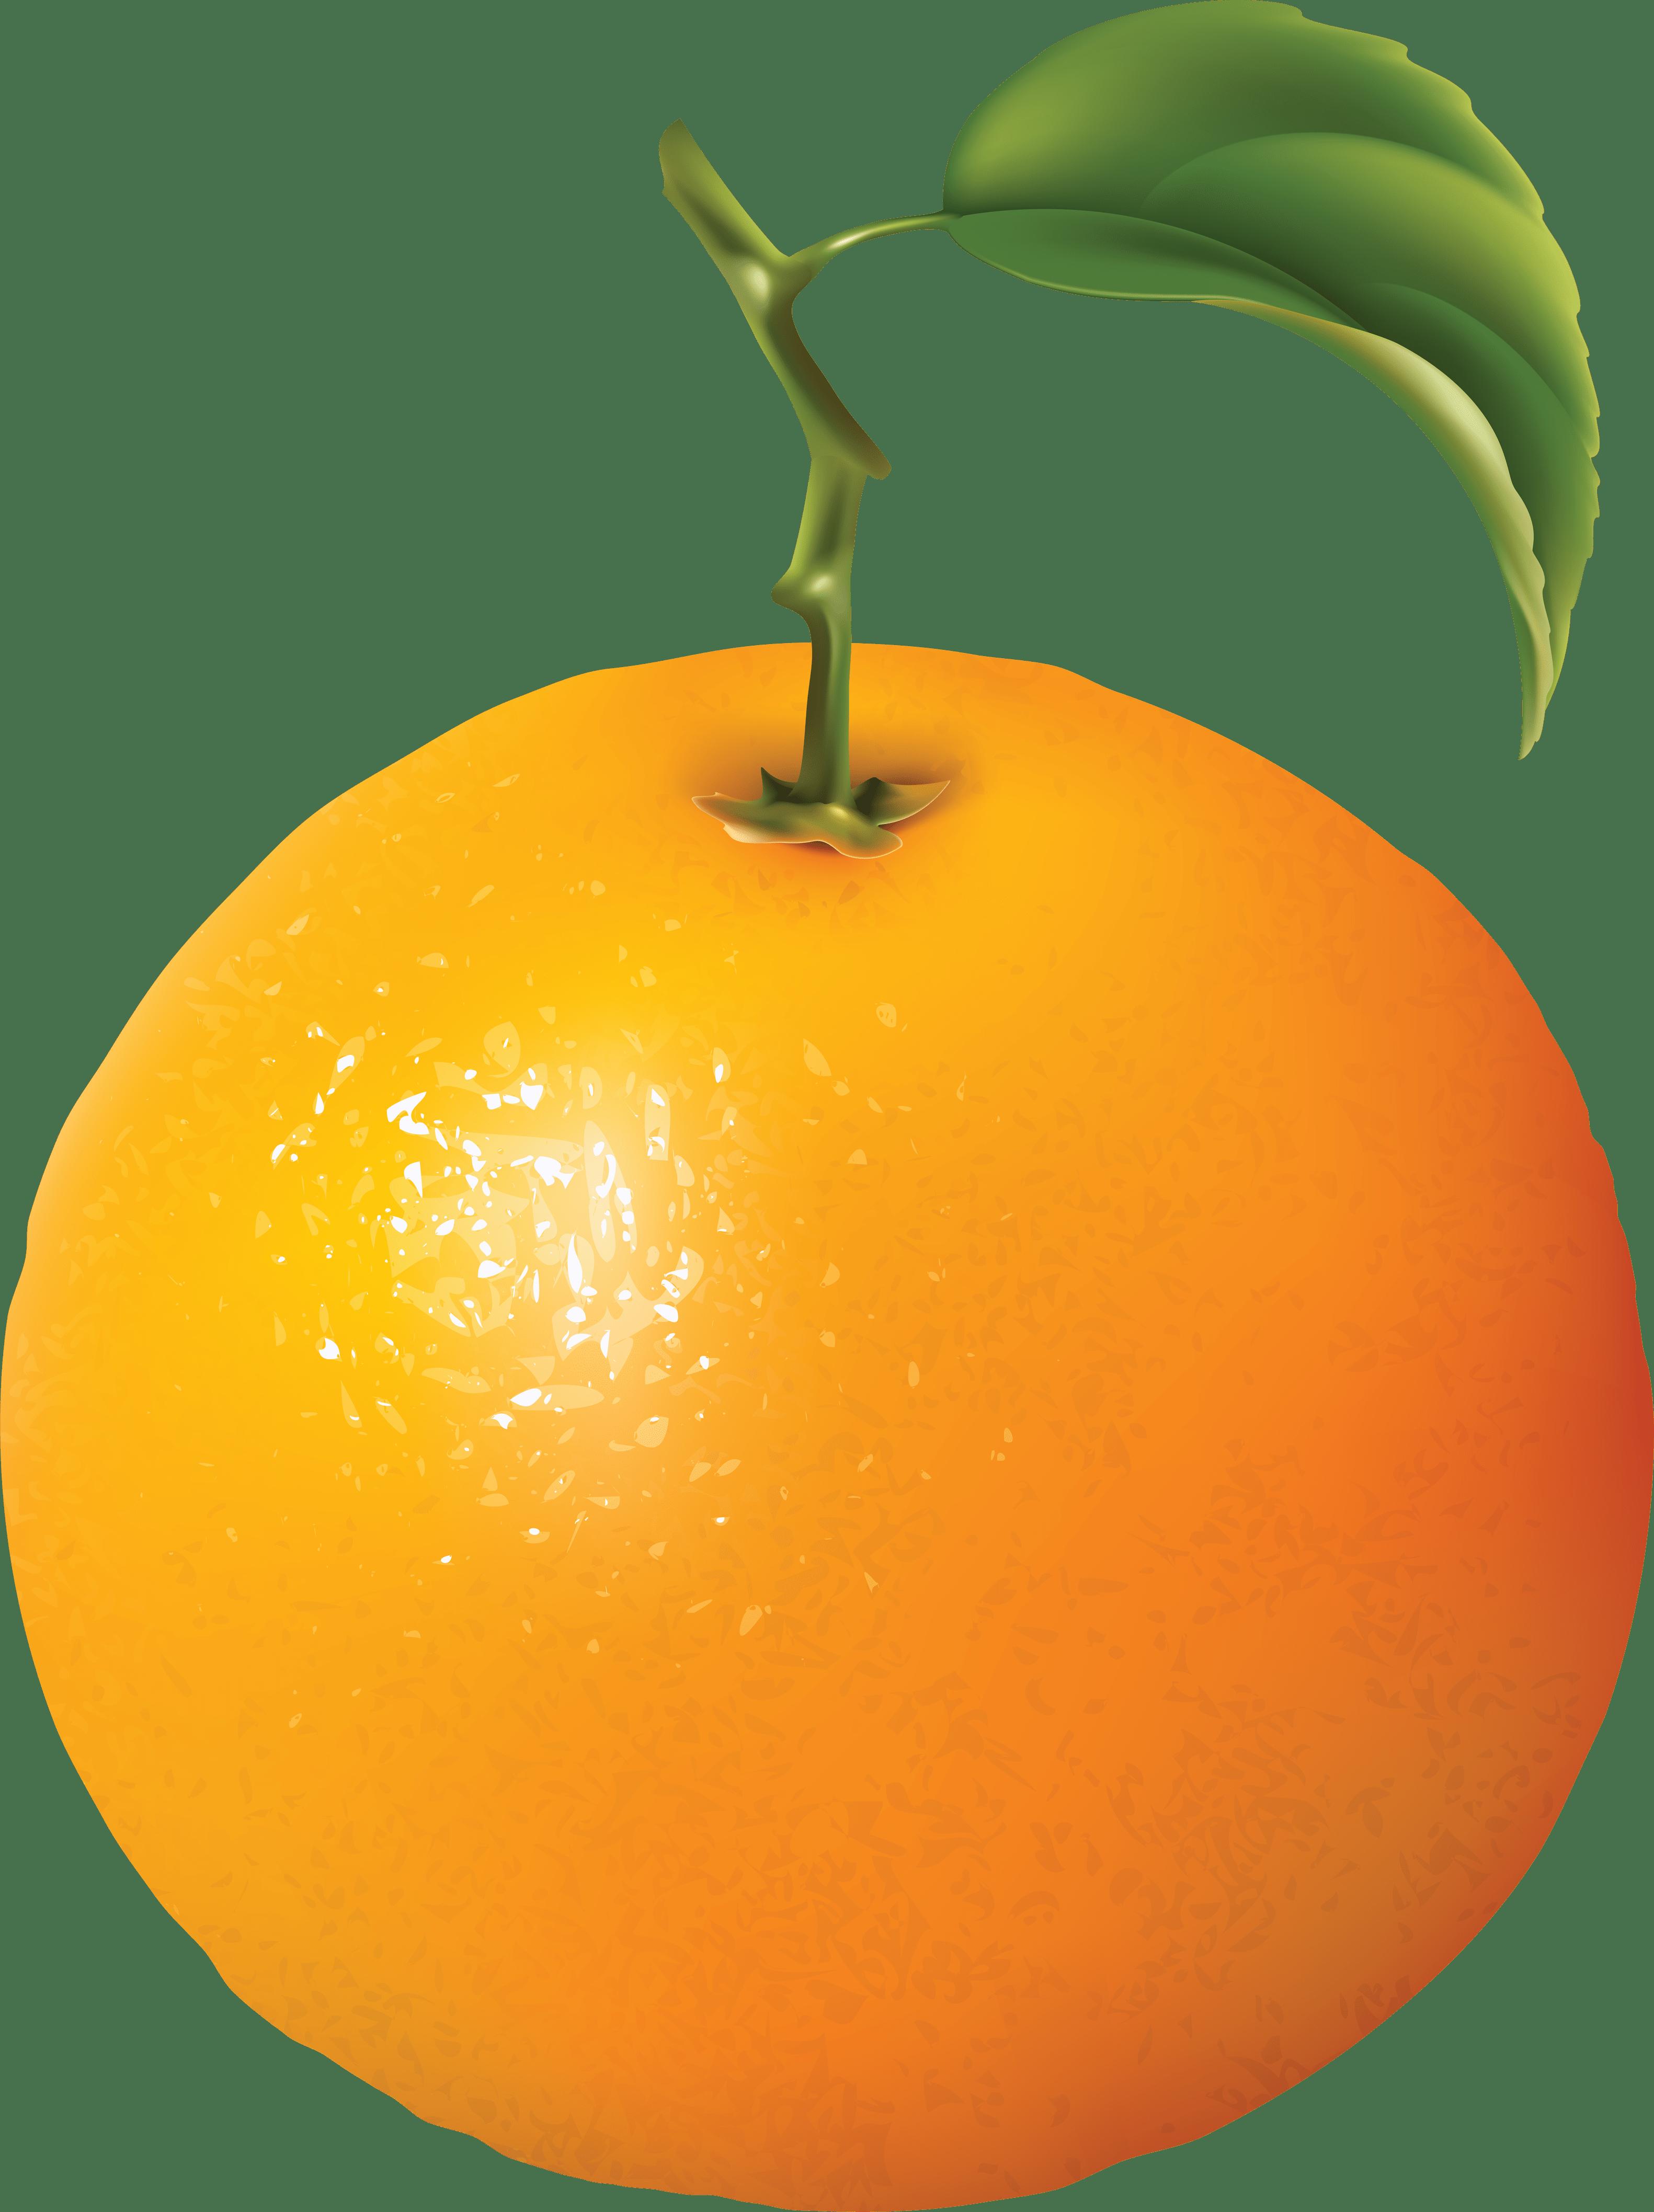 Orange Fruit Clipart Florida Pencil And In Color Orange